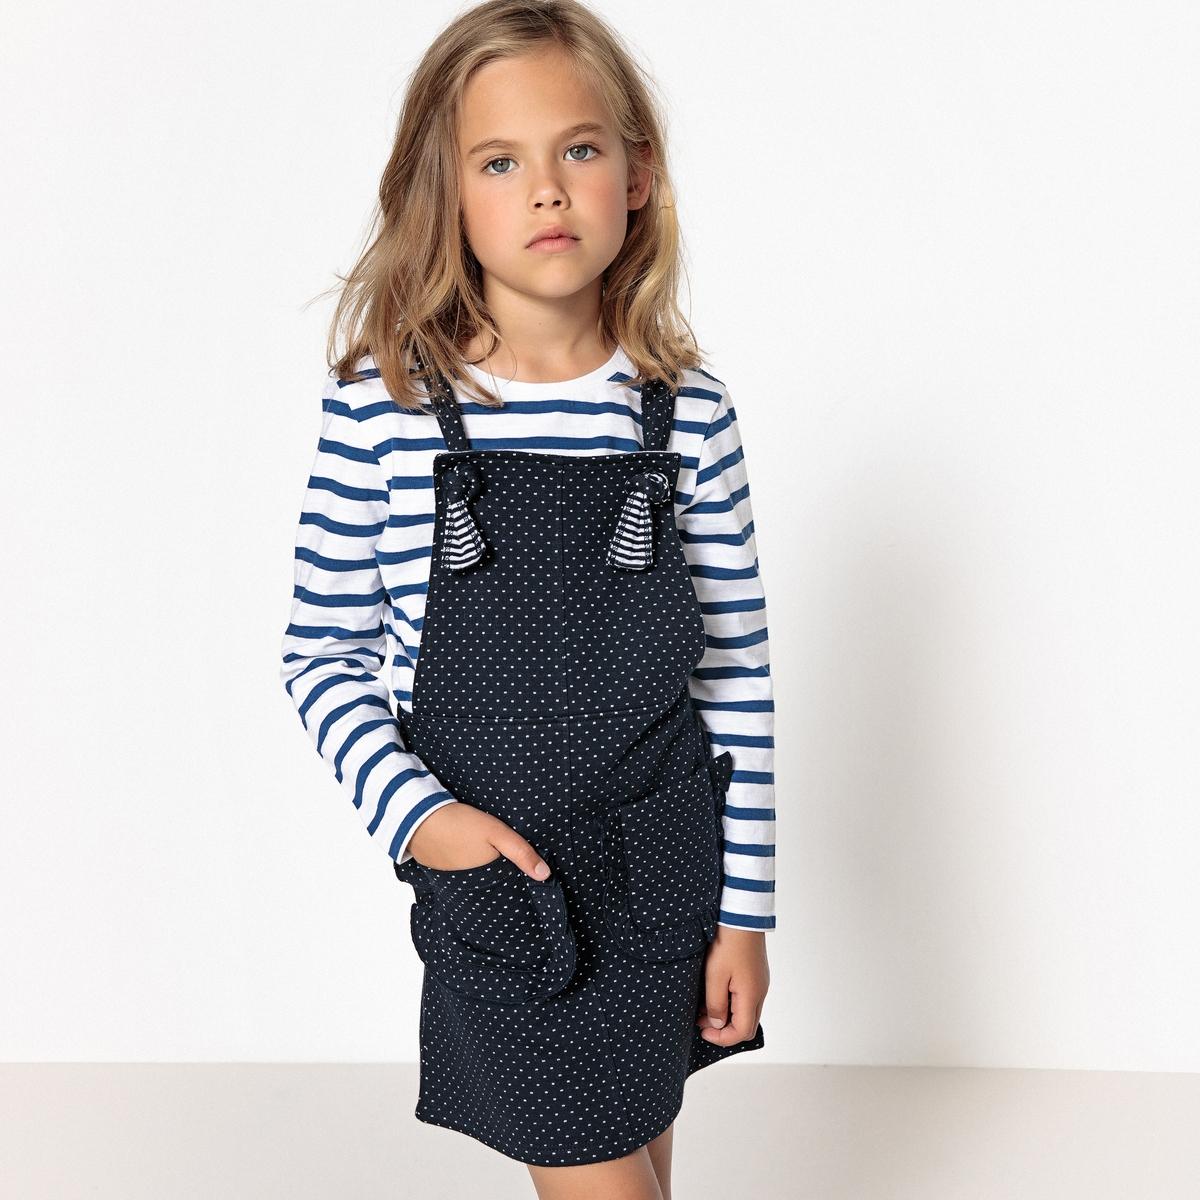 Комплект из футболки и платья в горошек, 3-12 лет платья